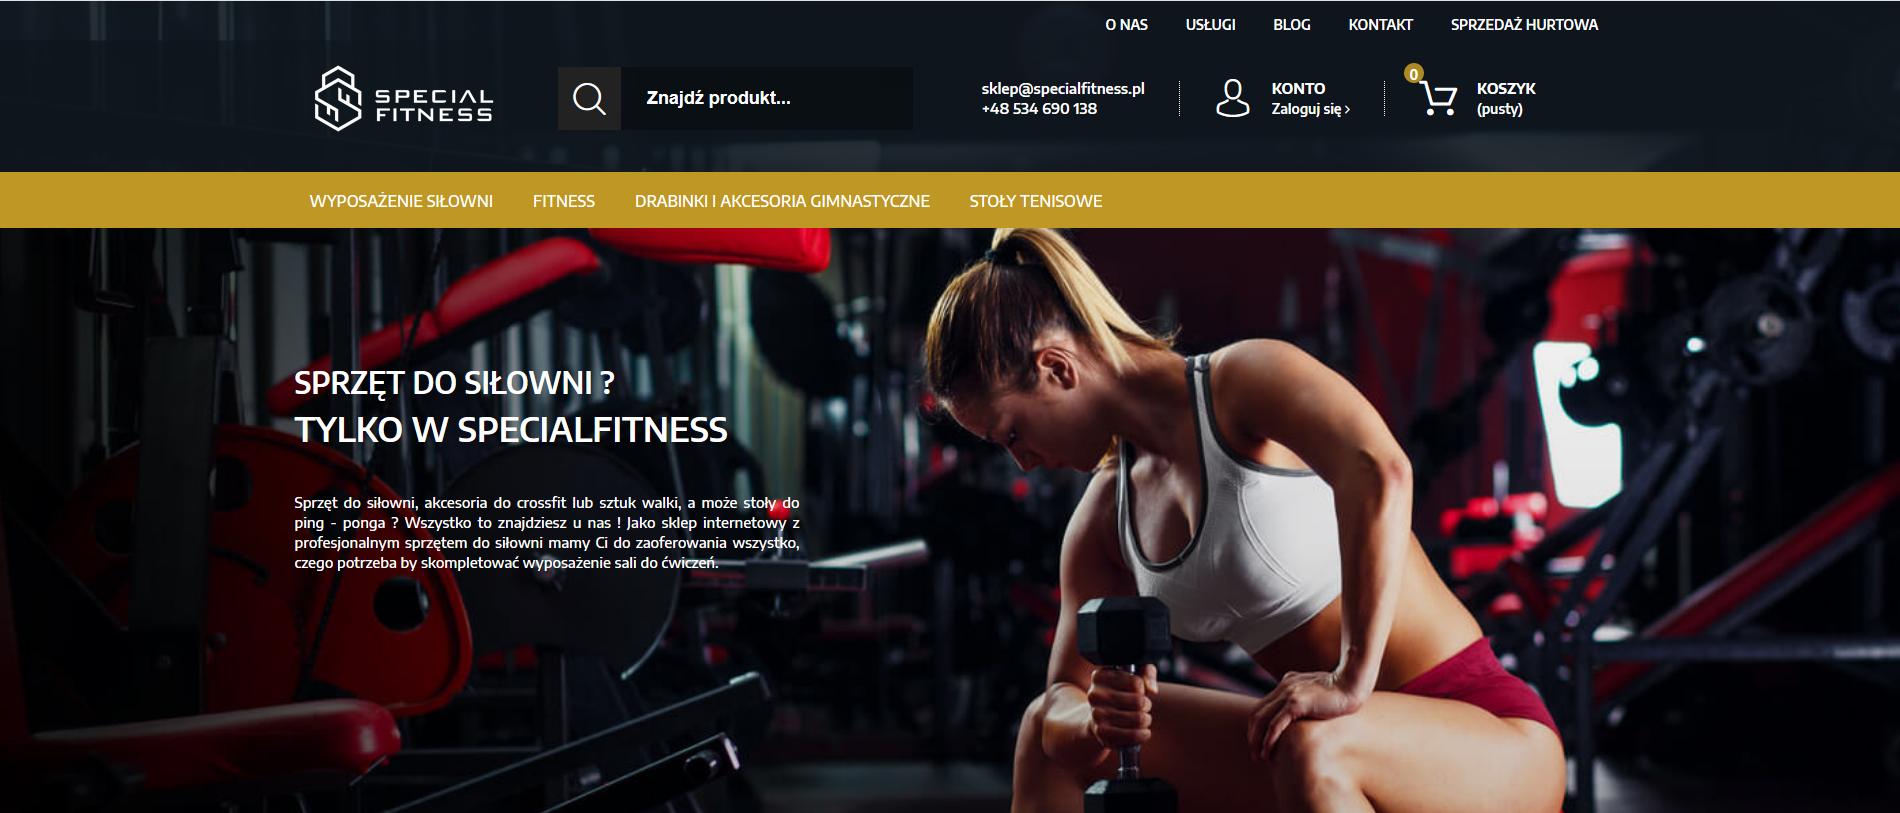 special-fitness-strona-główna